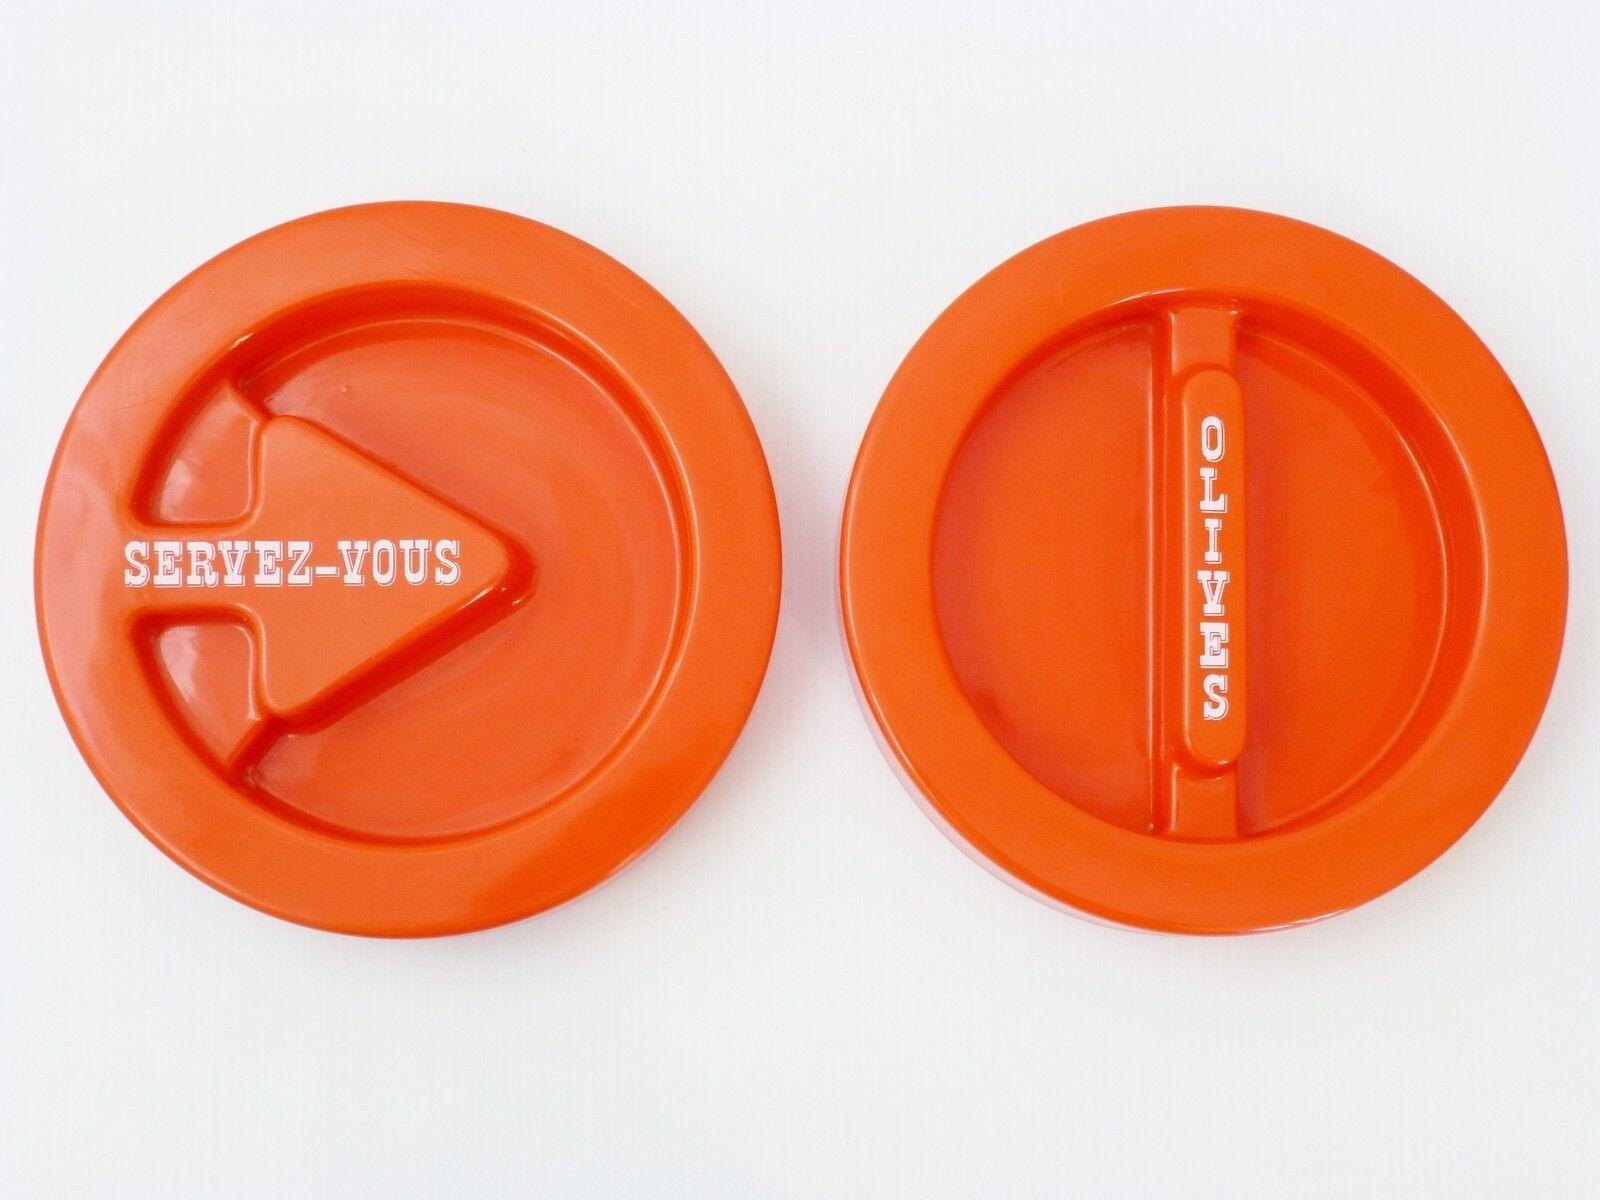 PAIRE DE PLATEAUX AMUSE-GUEULE PLASTIQUE Orange 1970 VINTAGE POP SPACE AGE 70's